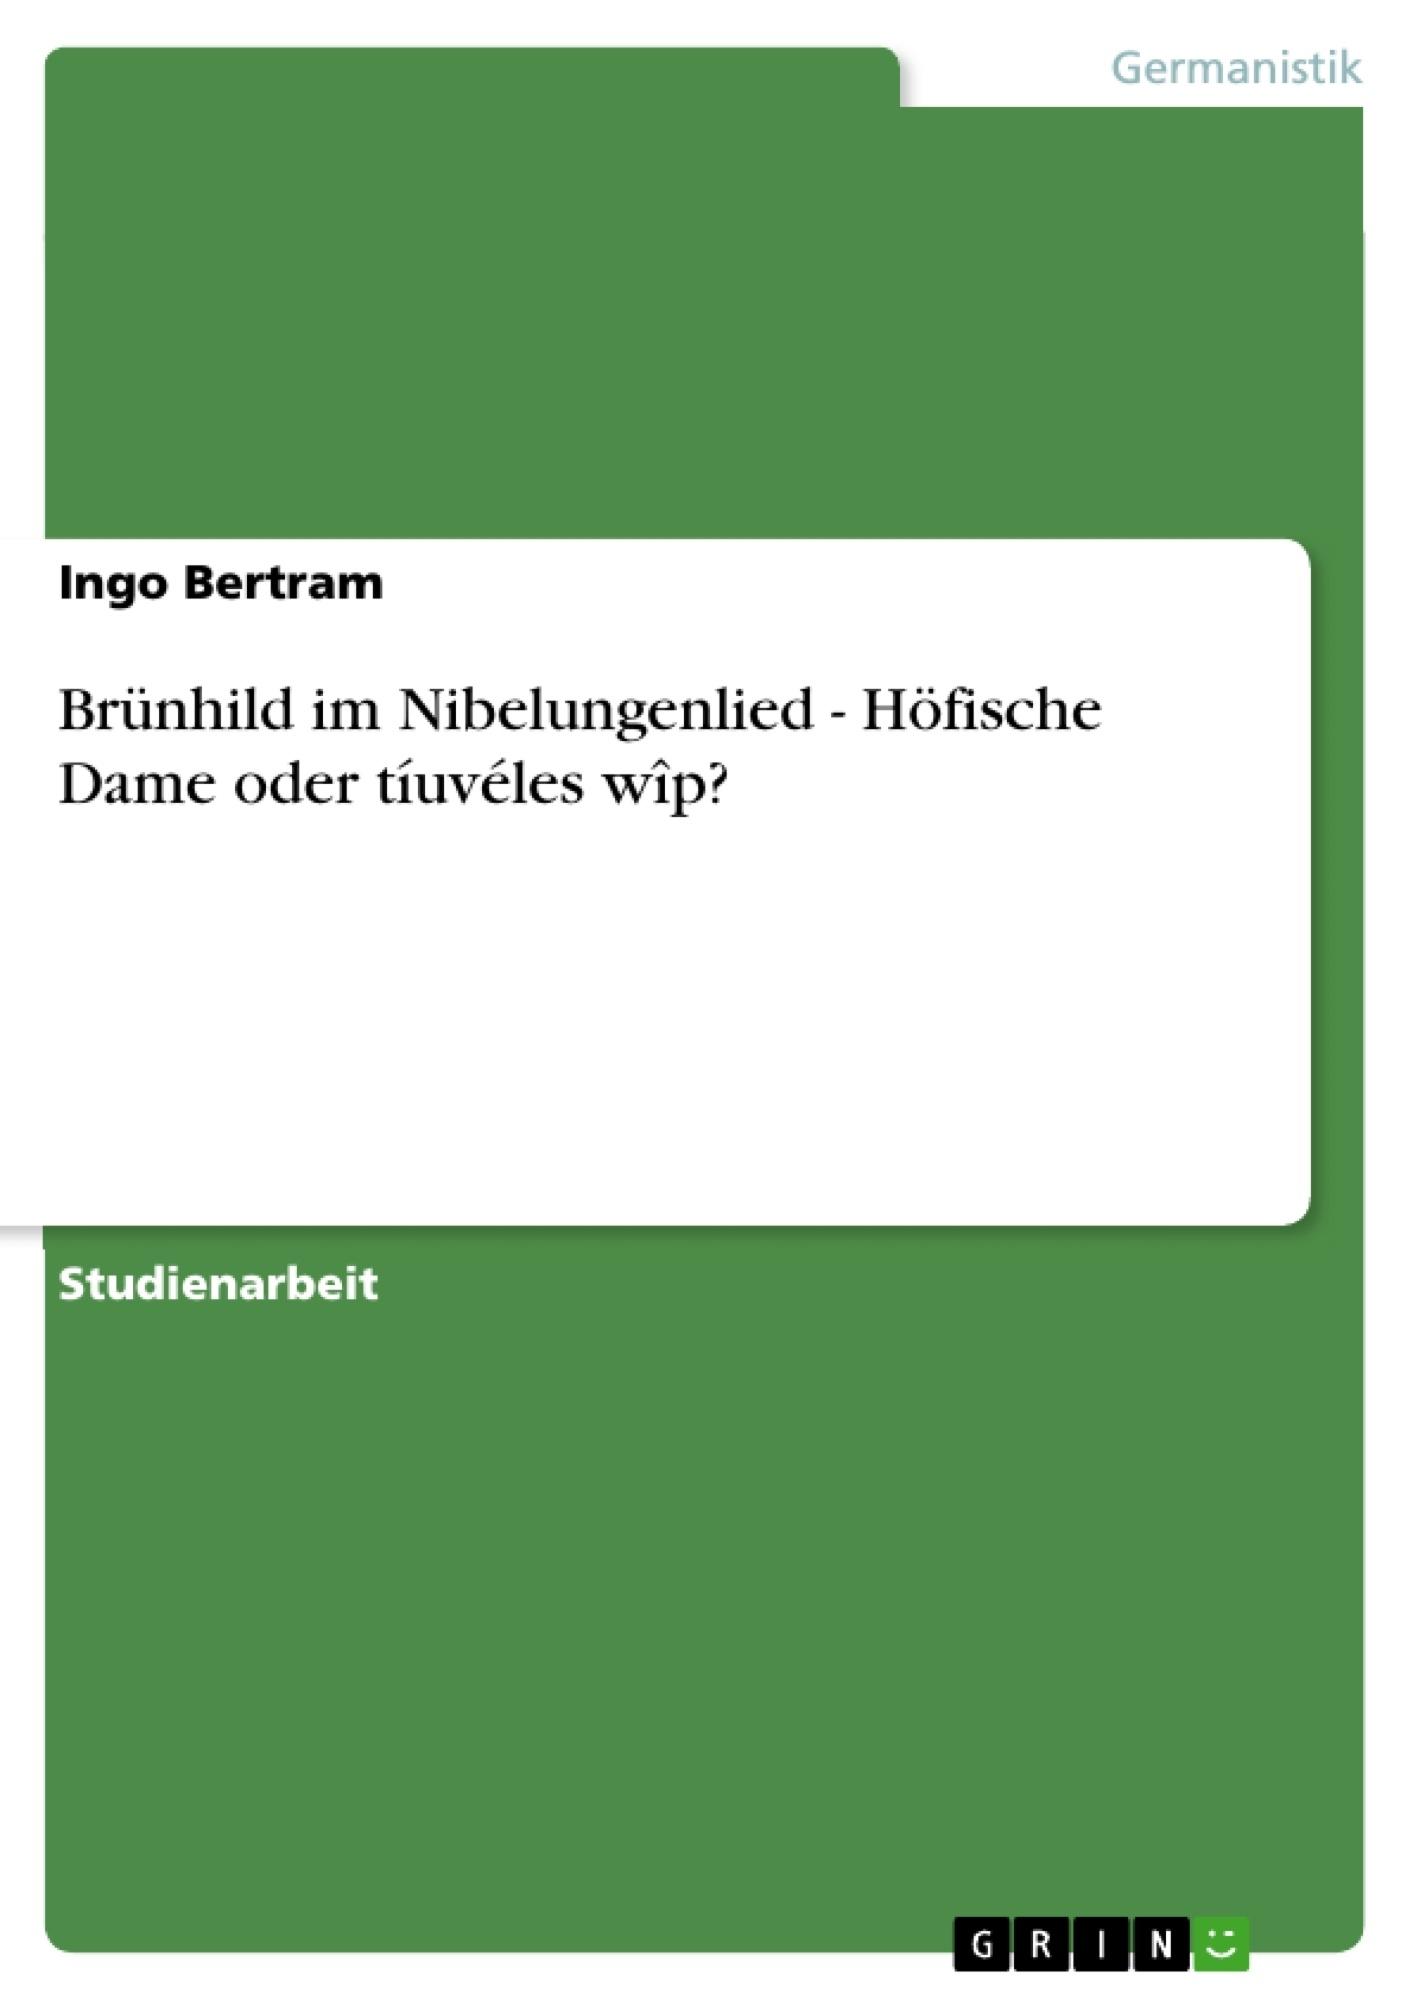 Titel: Brünhild im Nibelungenlied - Höfische Dame oder tíuvéles wîp?